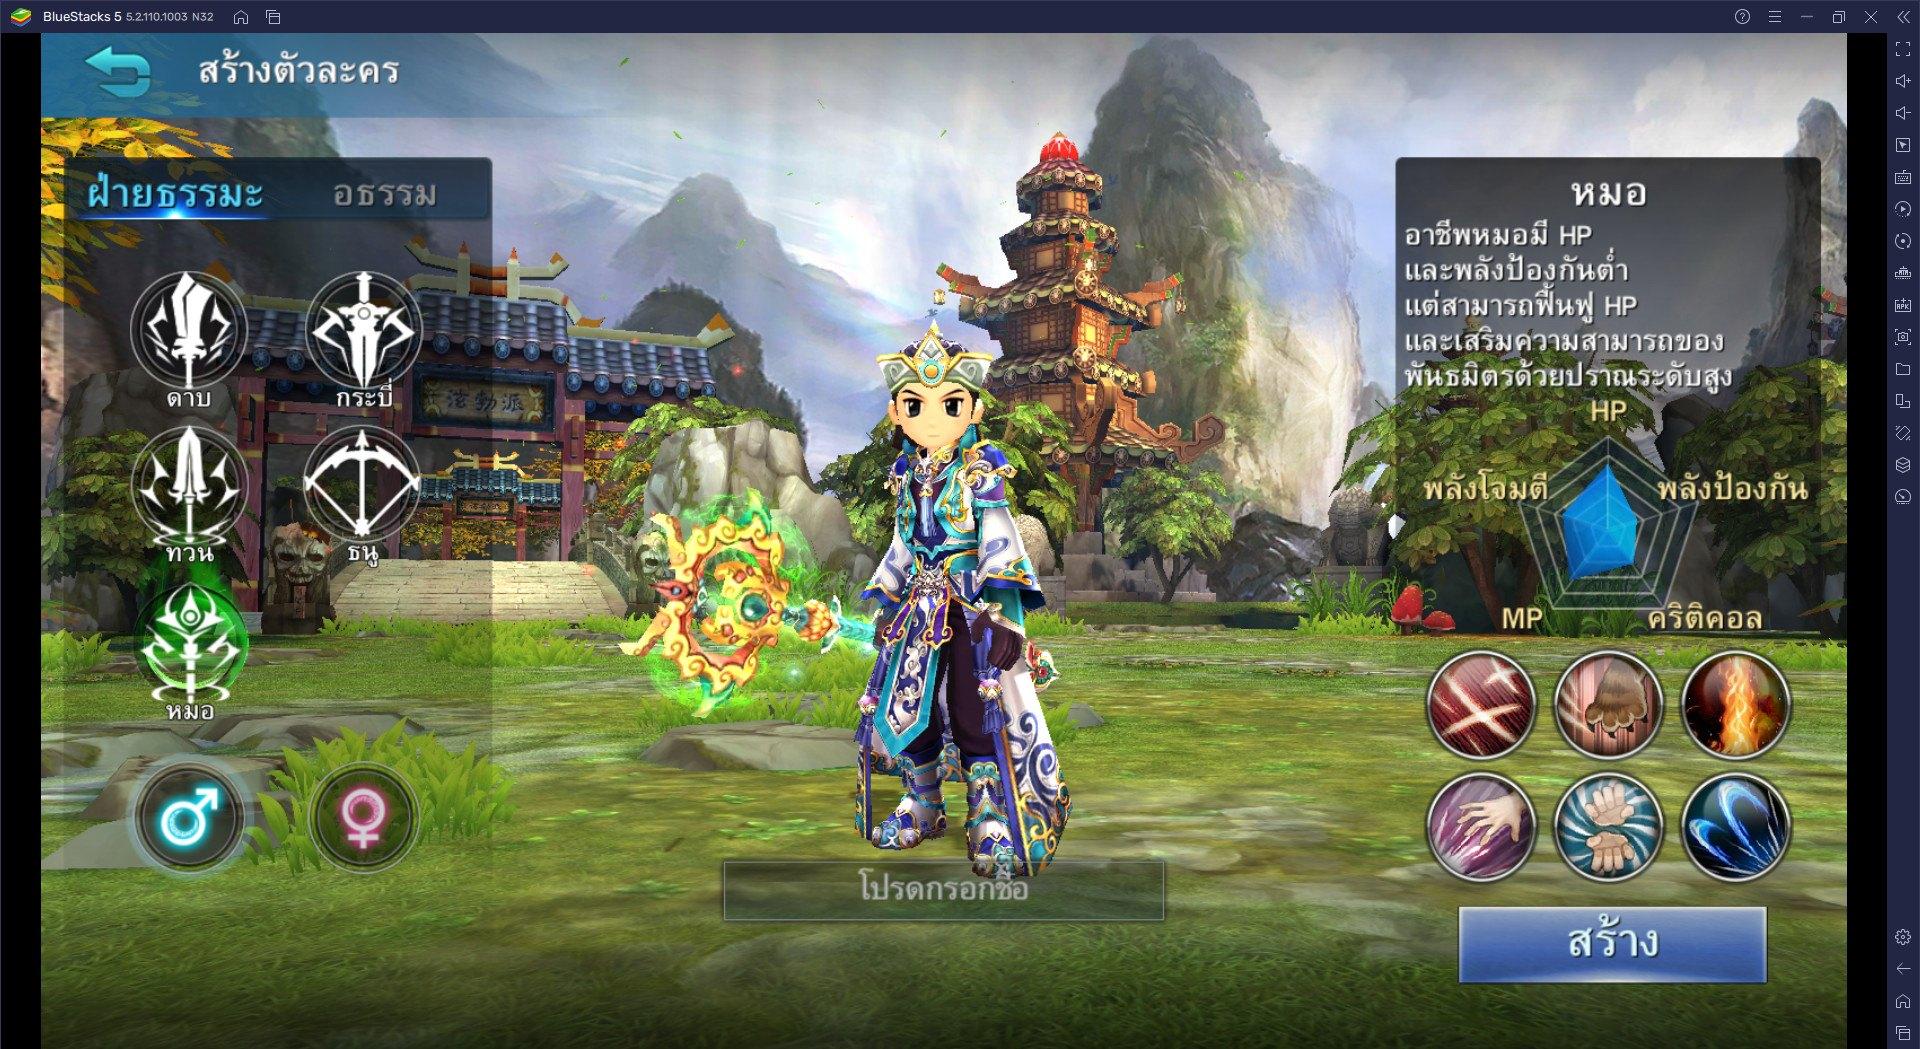 แนะนำอาชีพและสกิลต่าง ๆ ในเกม Real Yulgang Mobile